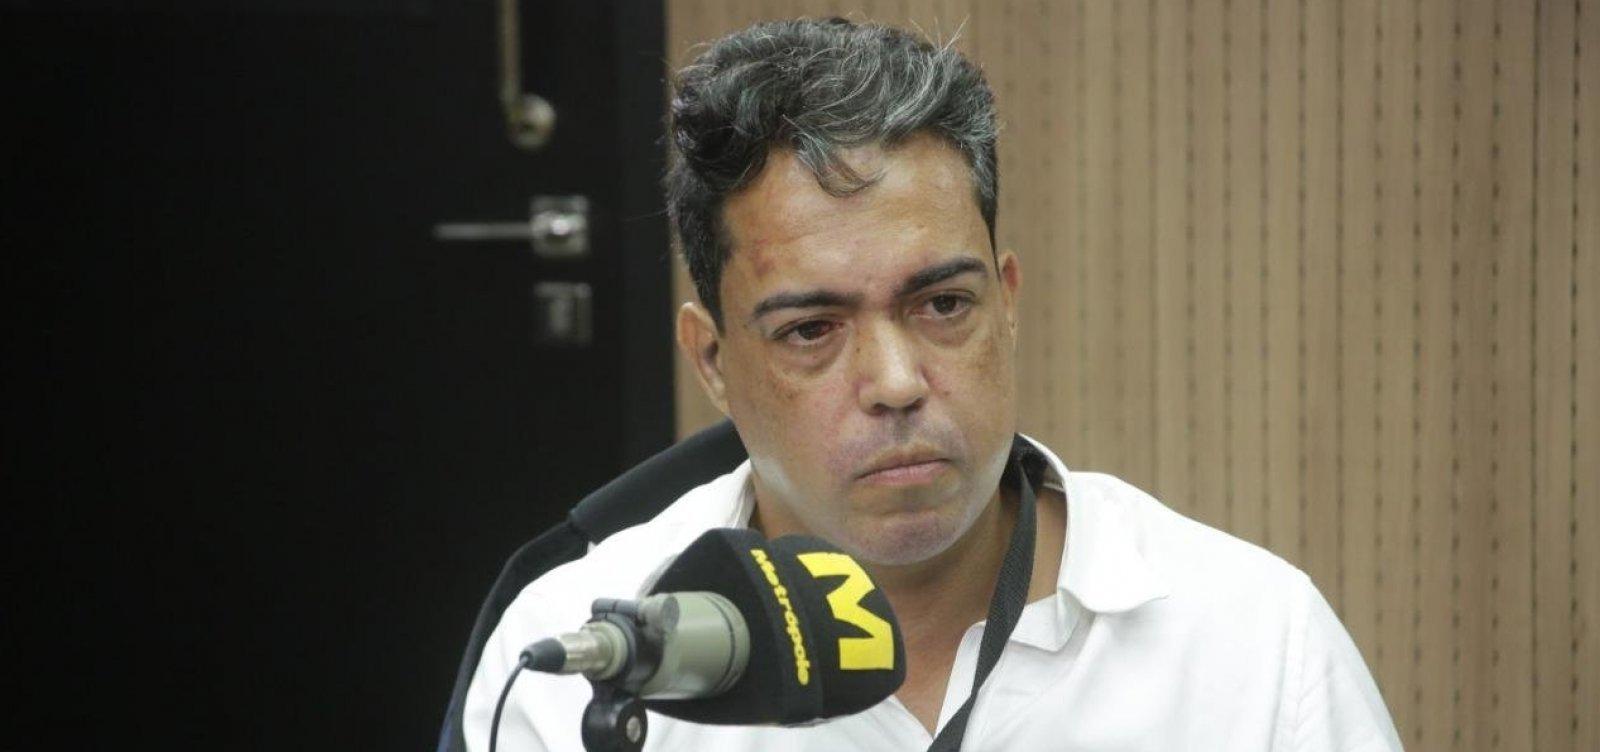 [Justiça determina que primo de Marcell Moraes se afaste de suposta amante do parlamentar]